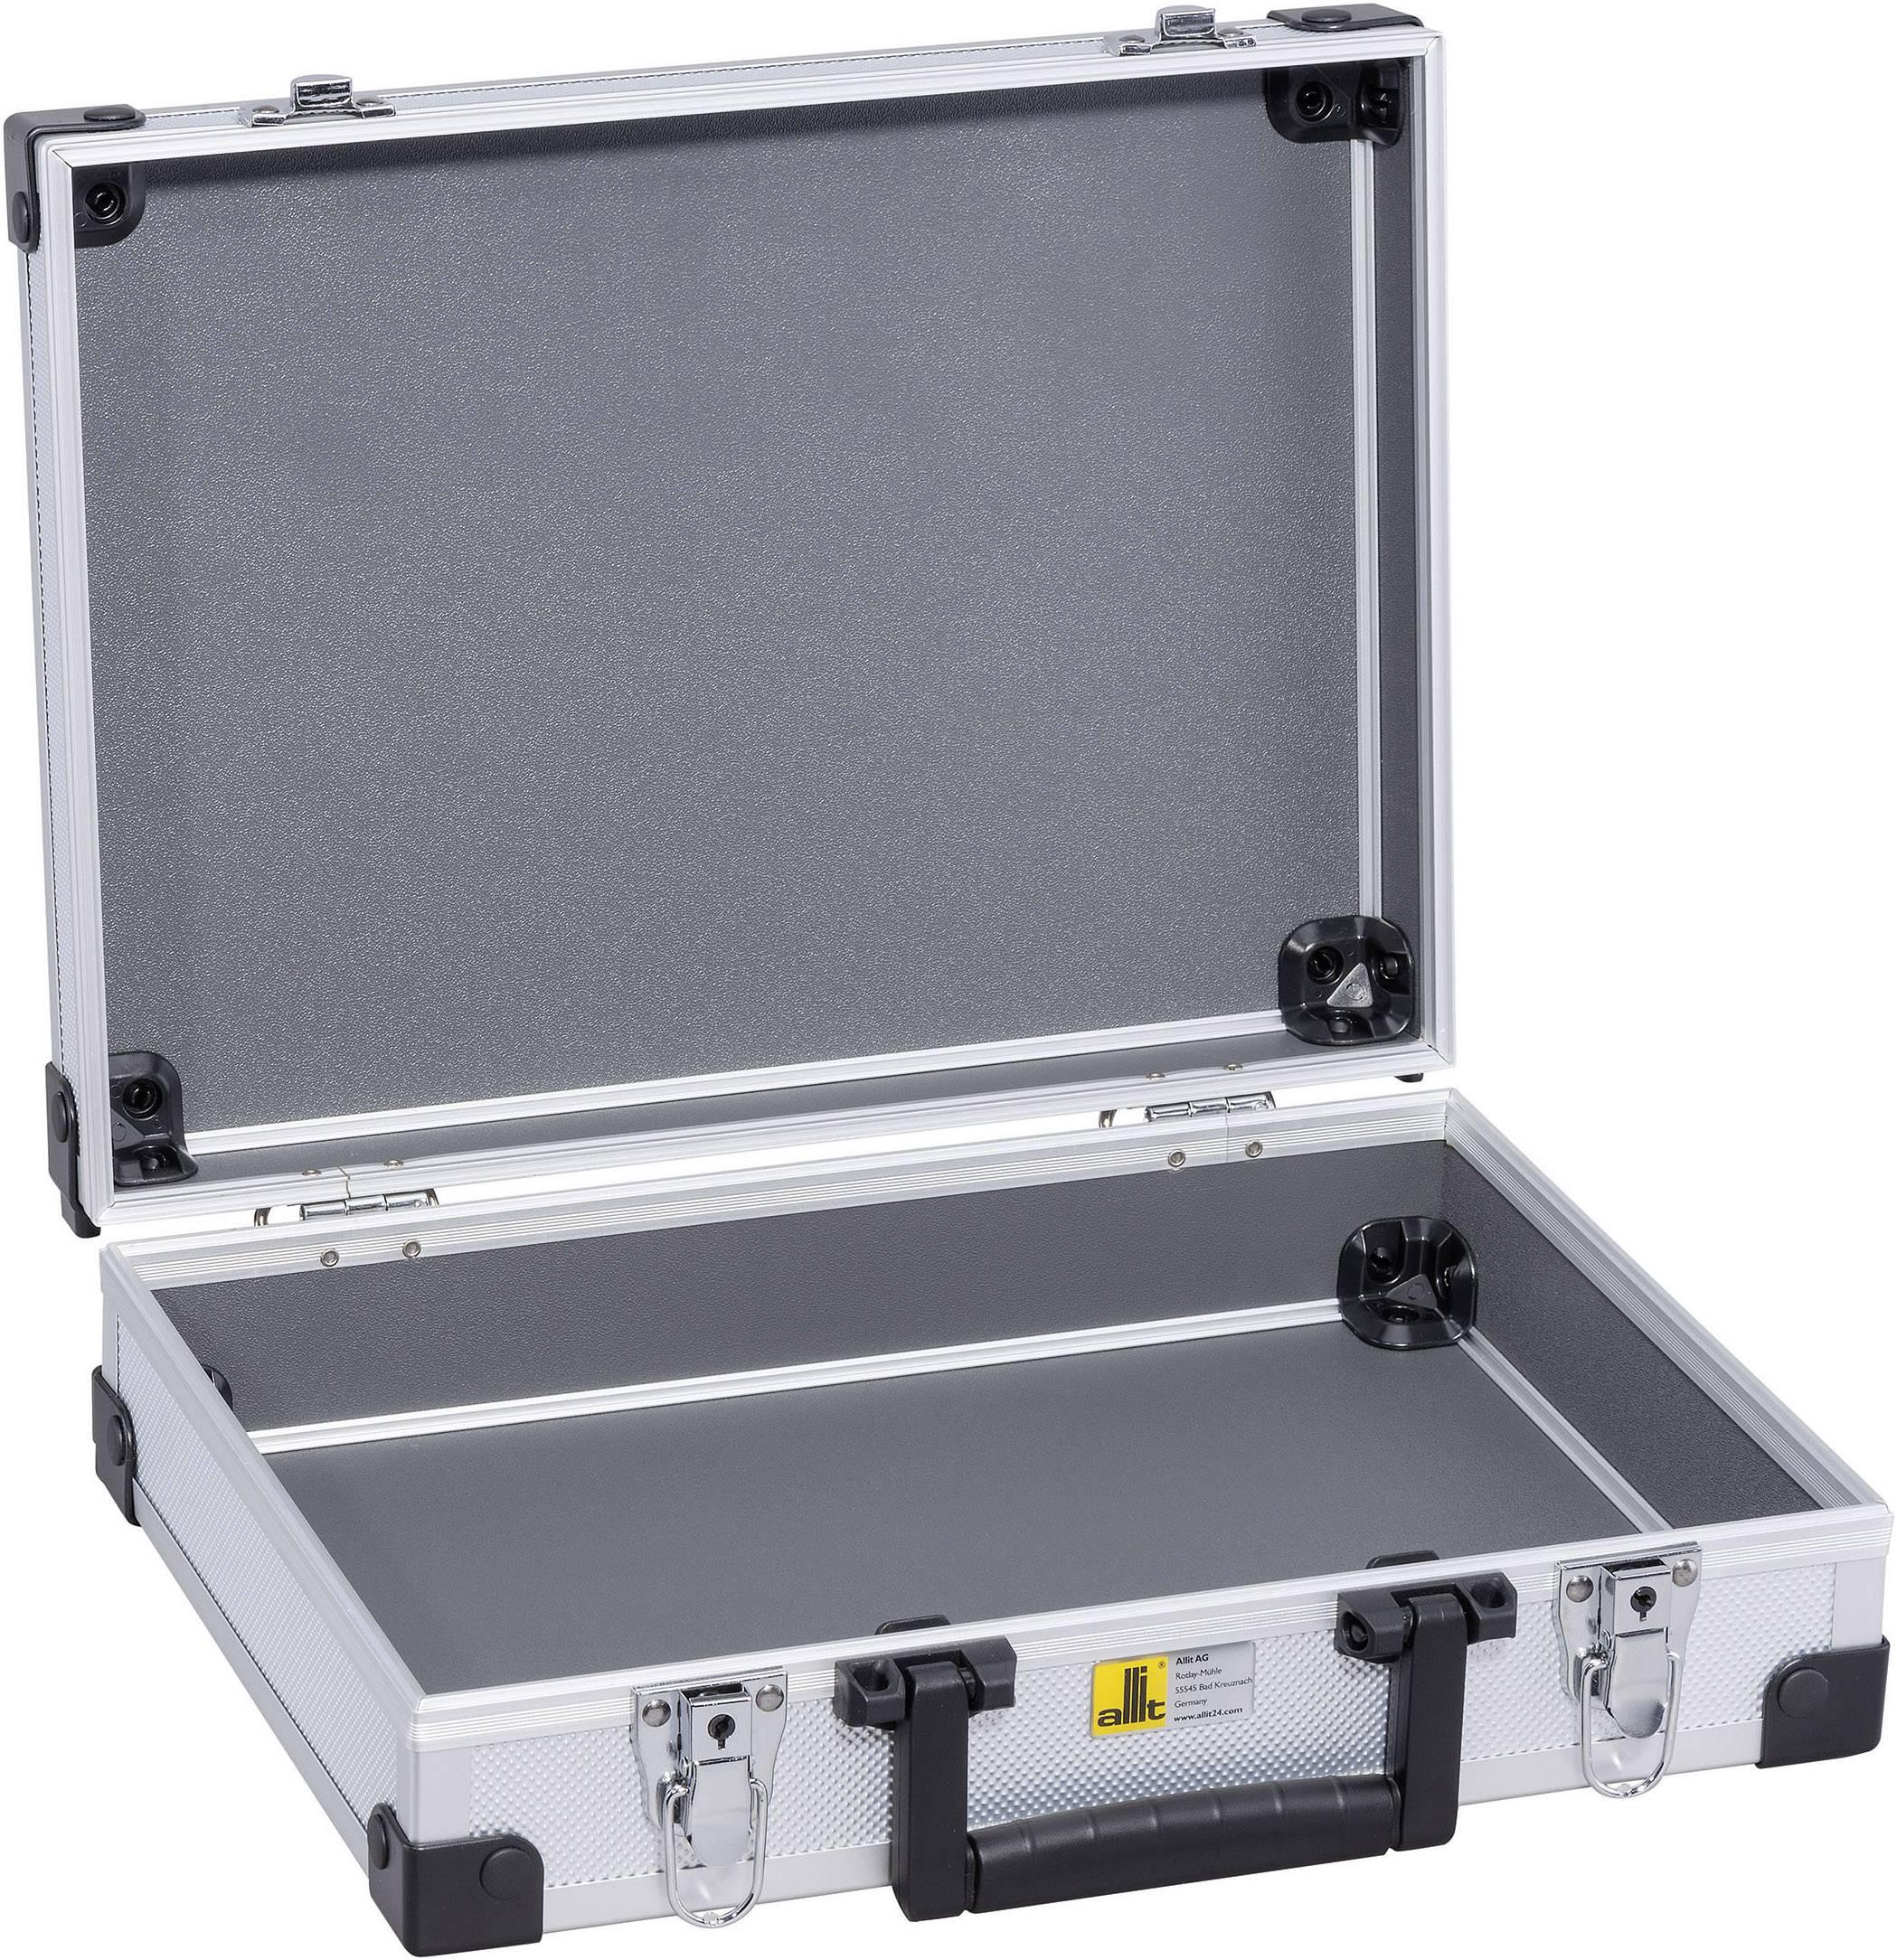 0172ffa0c372c Walizka narzędziowa bez wyposażenia Allit AluPlus Basic L 35 424100 1 szt.